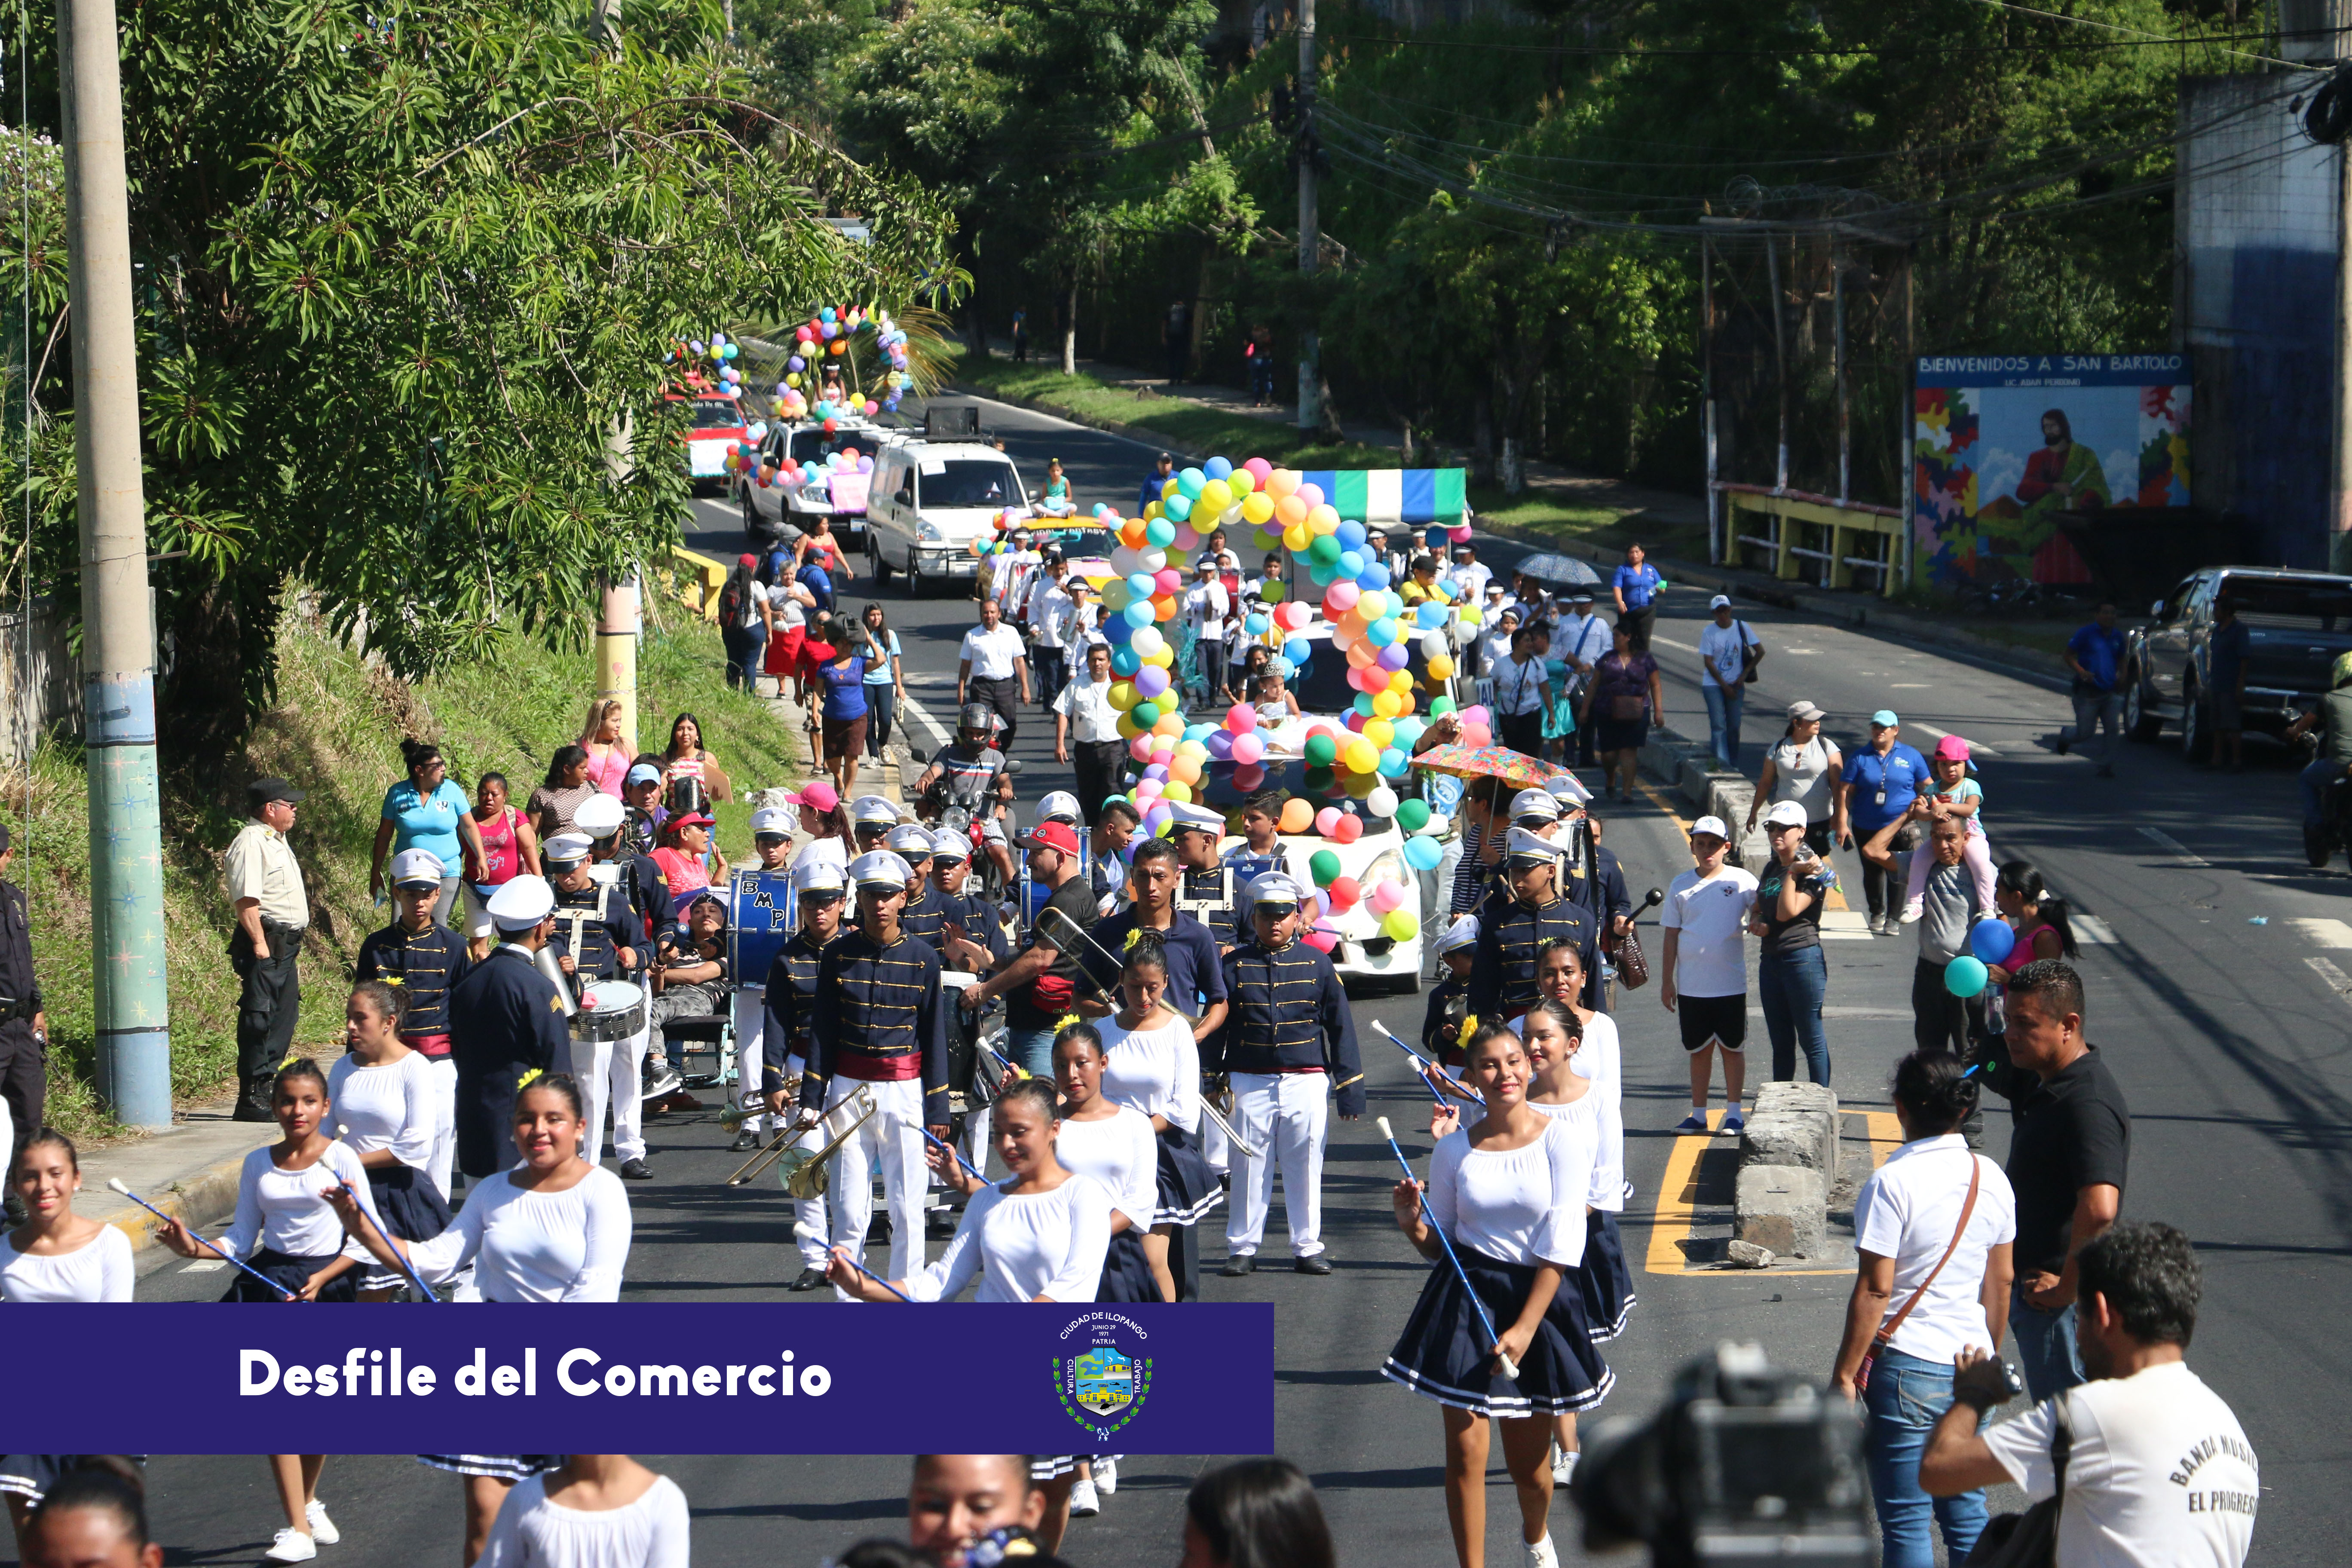 Desfile-del-Comercio...